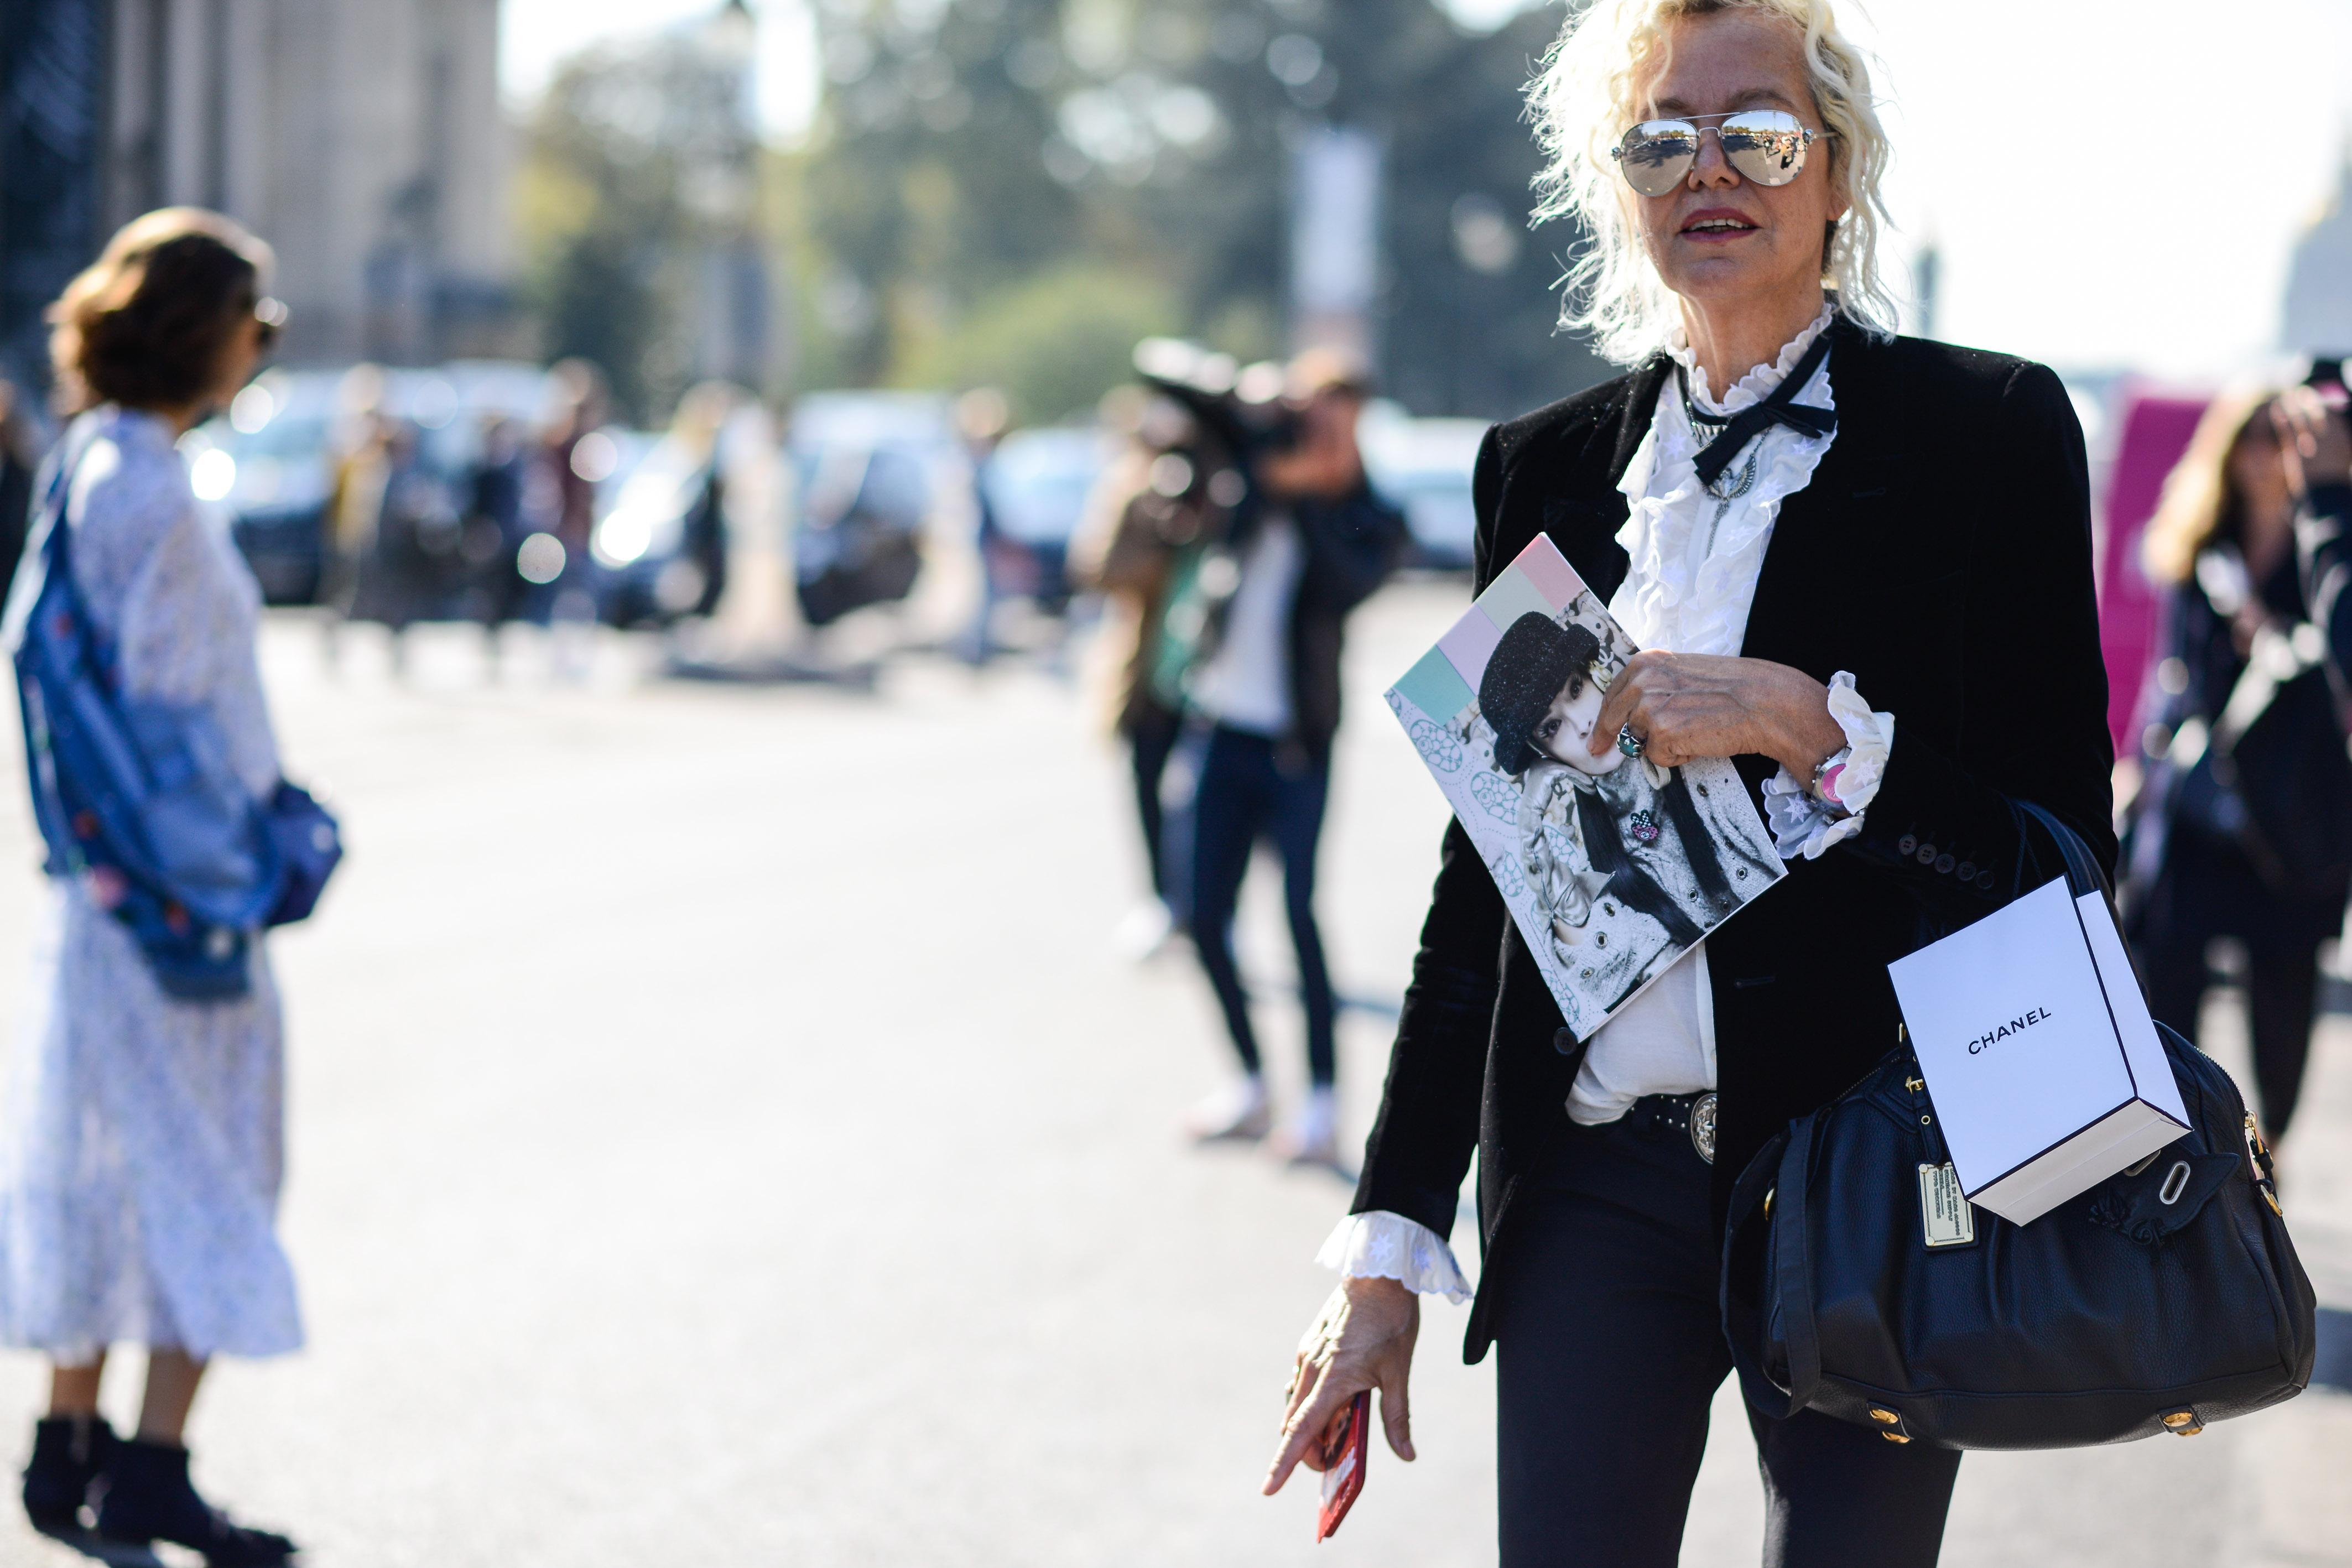 Street Style: Fotografin Ellen von Unwerth in einer Rüschenbluse, nach der Chanel-Show in Paris.